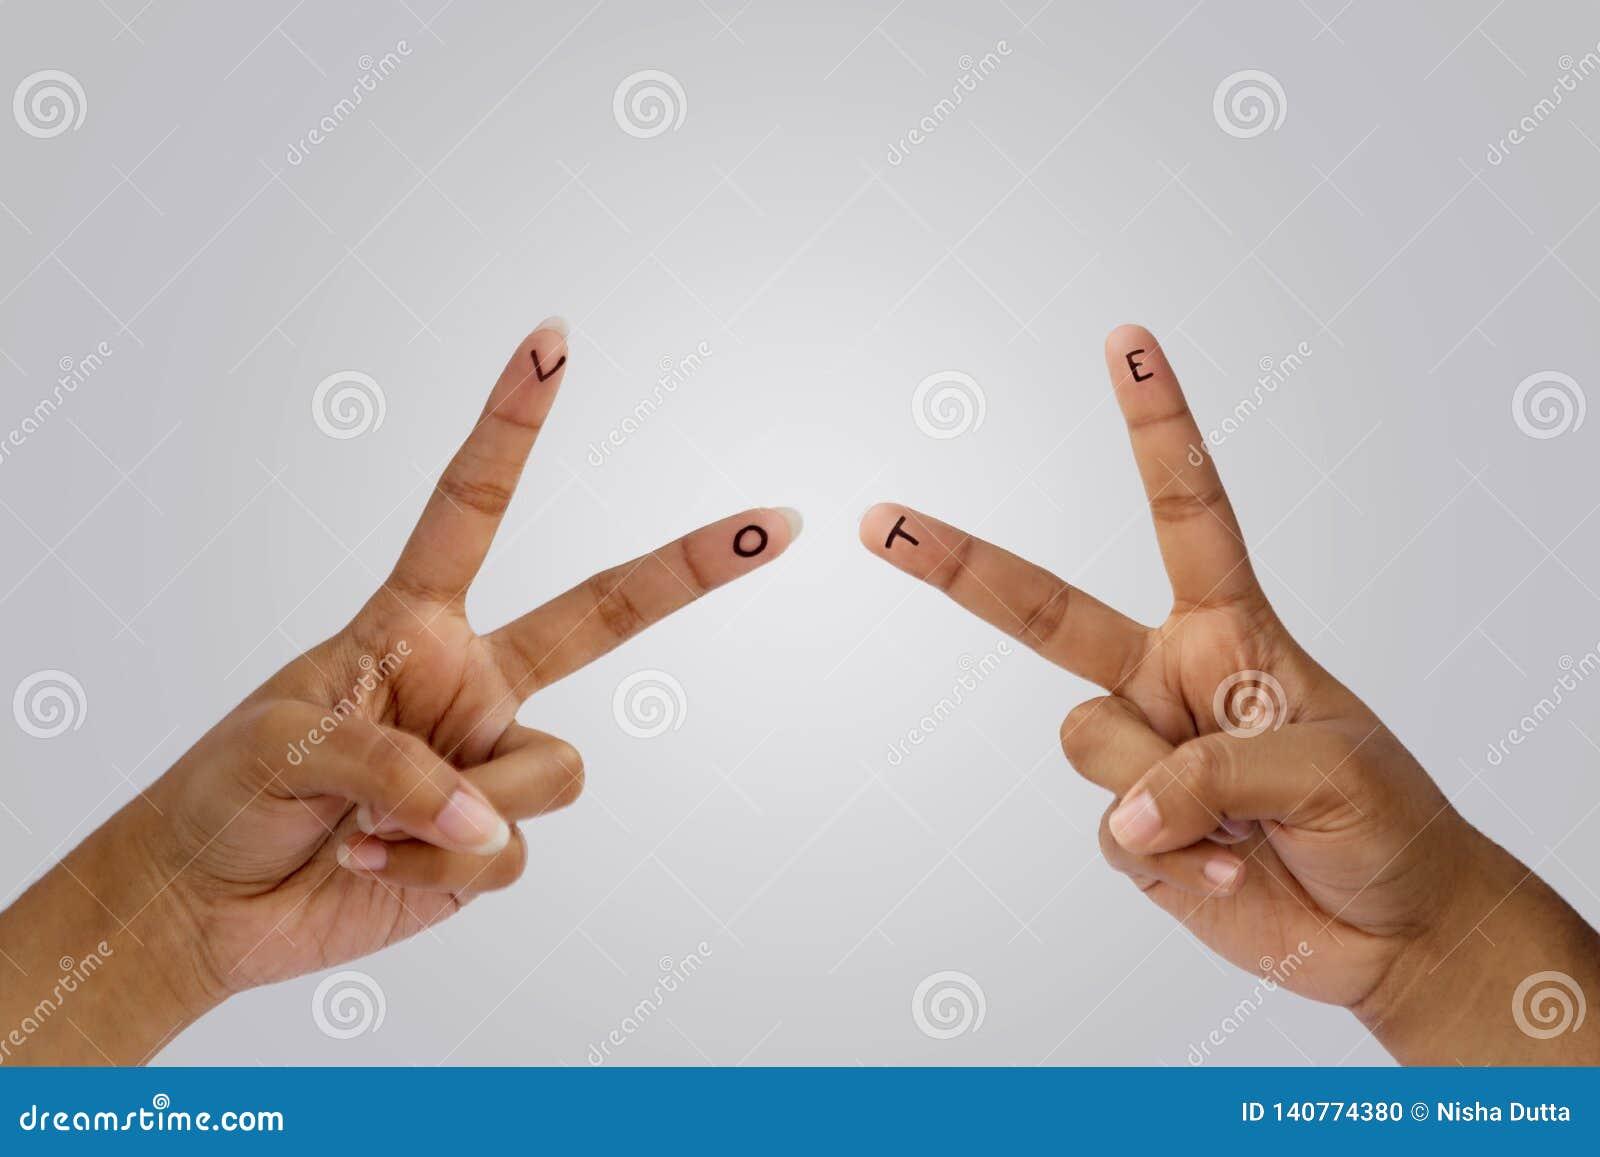 V для голосования написанного на подсказках пальца